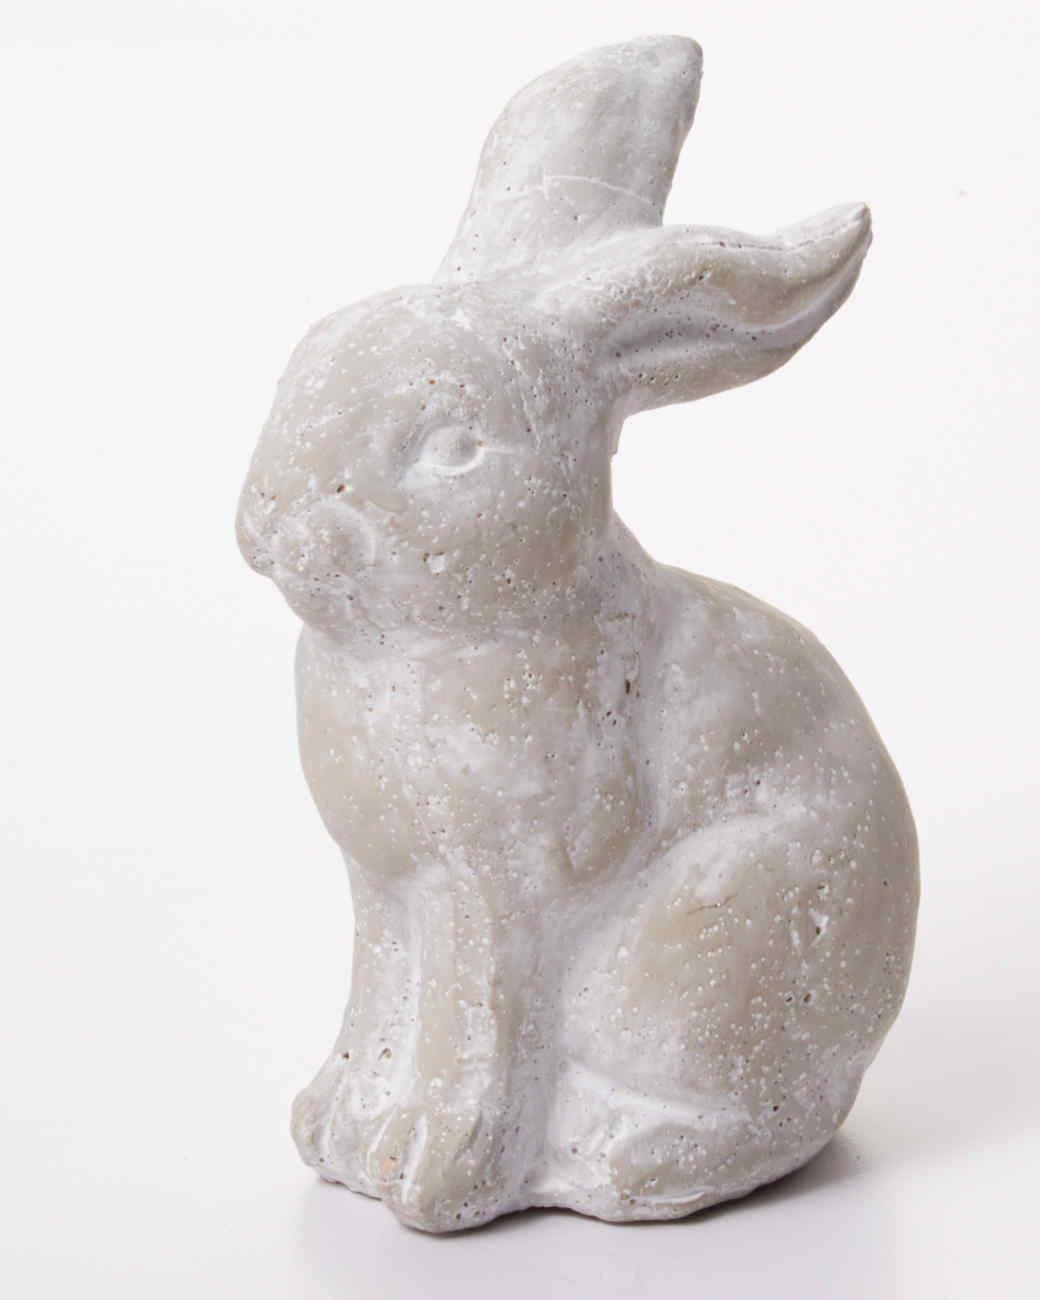 garden-stone-bunny-2767-d112789-0116.jpg